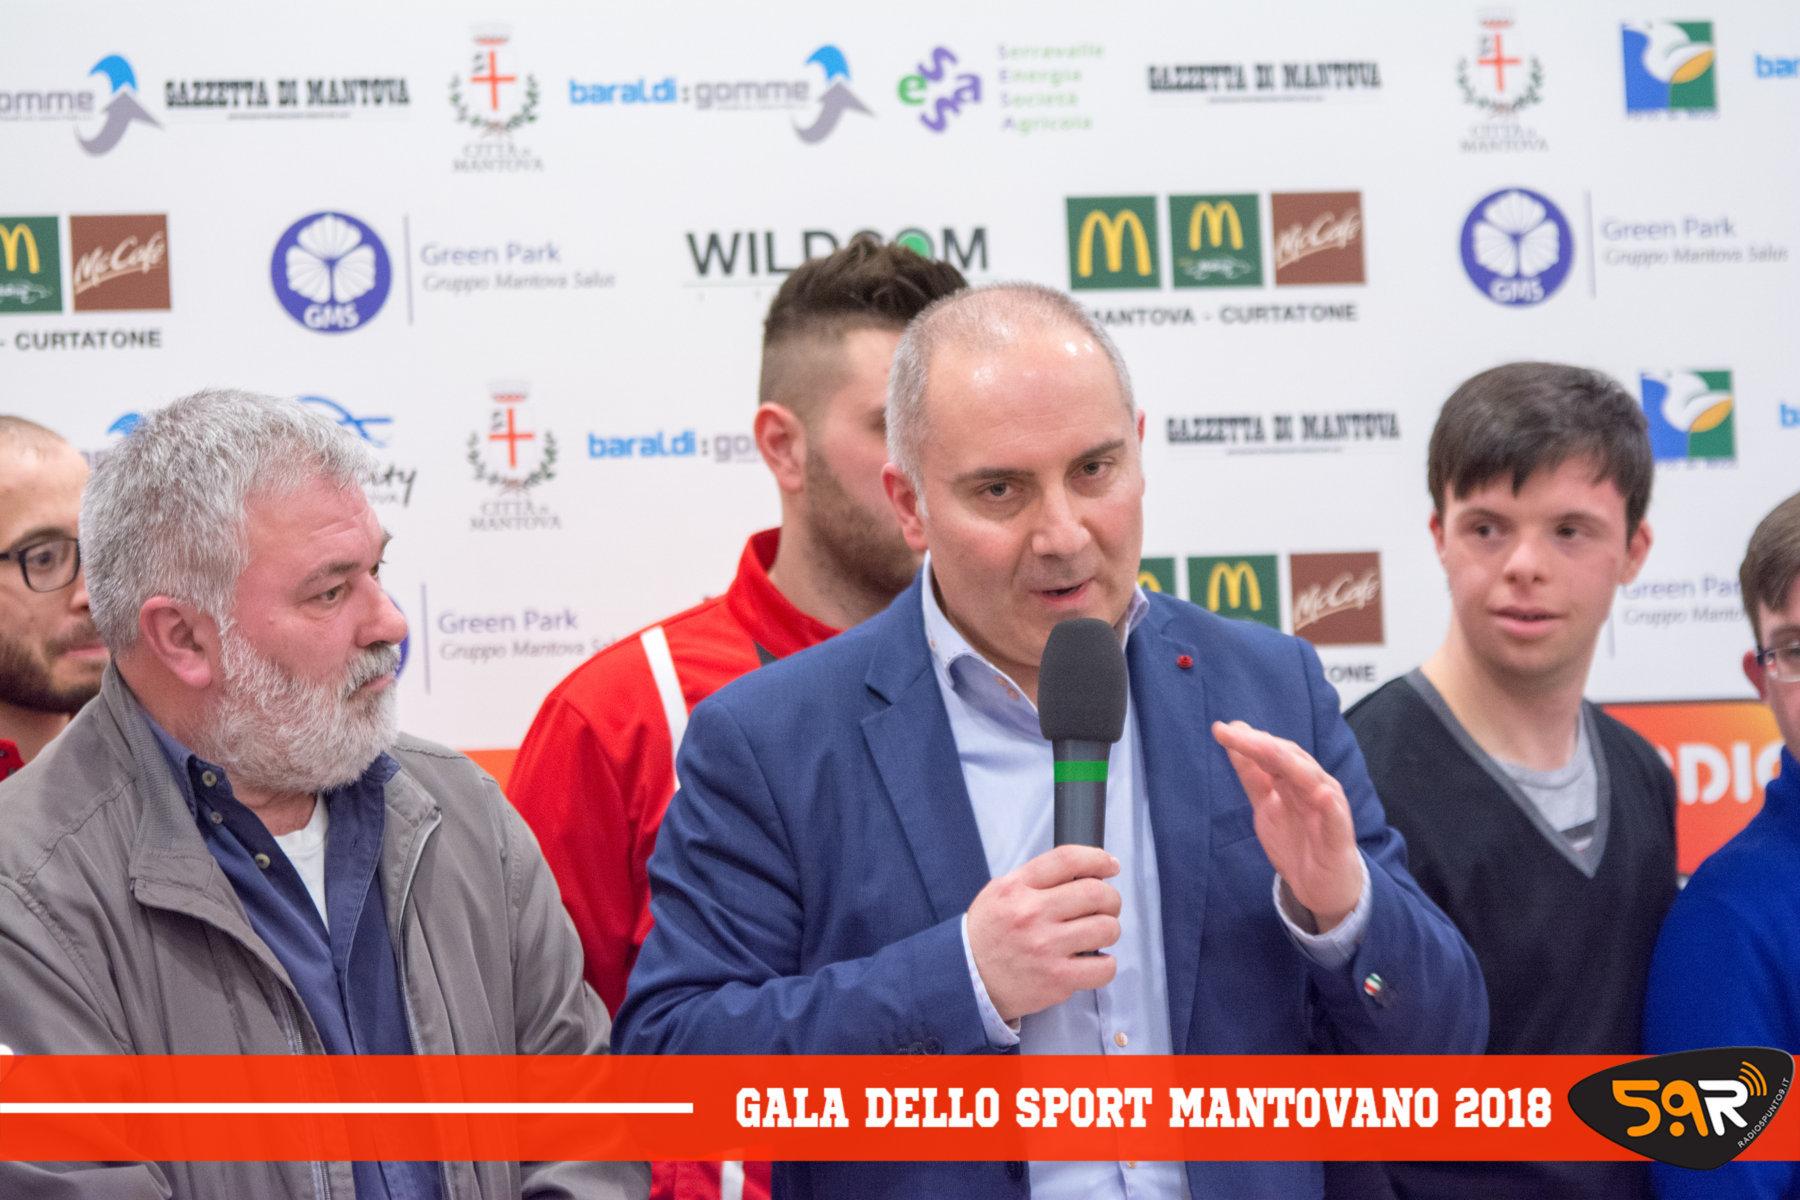 Gala dello Sport Mantovano 2018 Web Radio 5 (79)